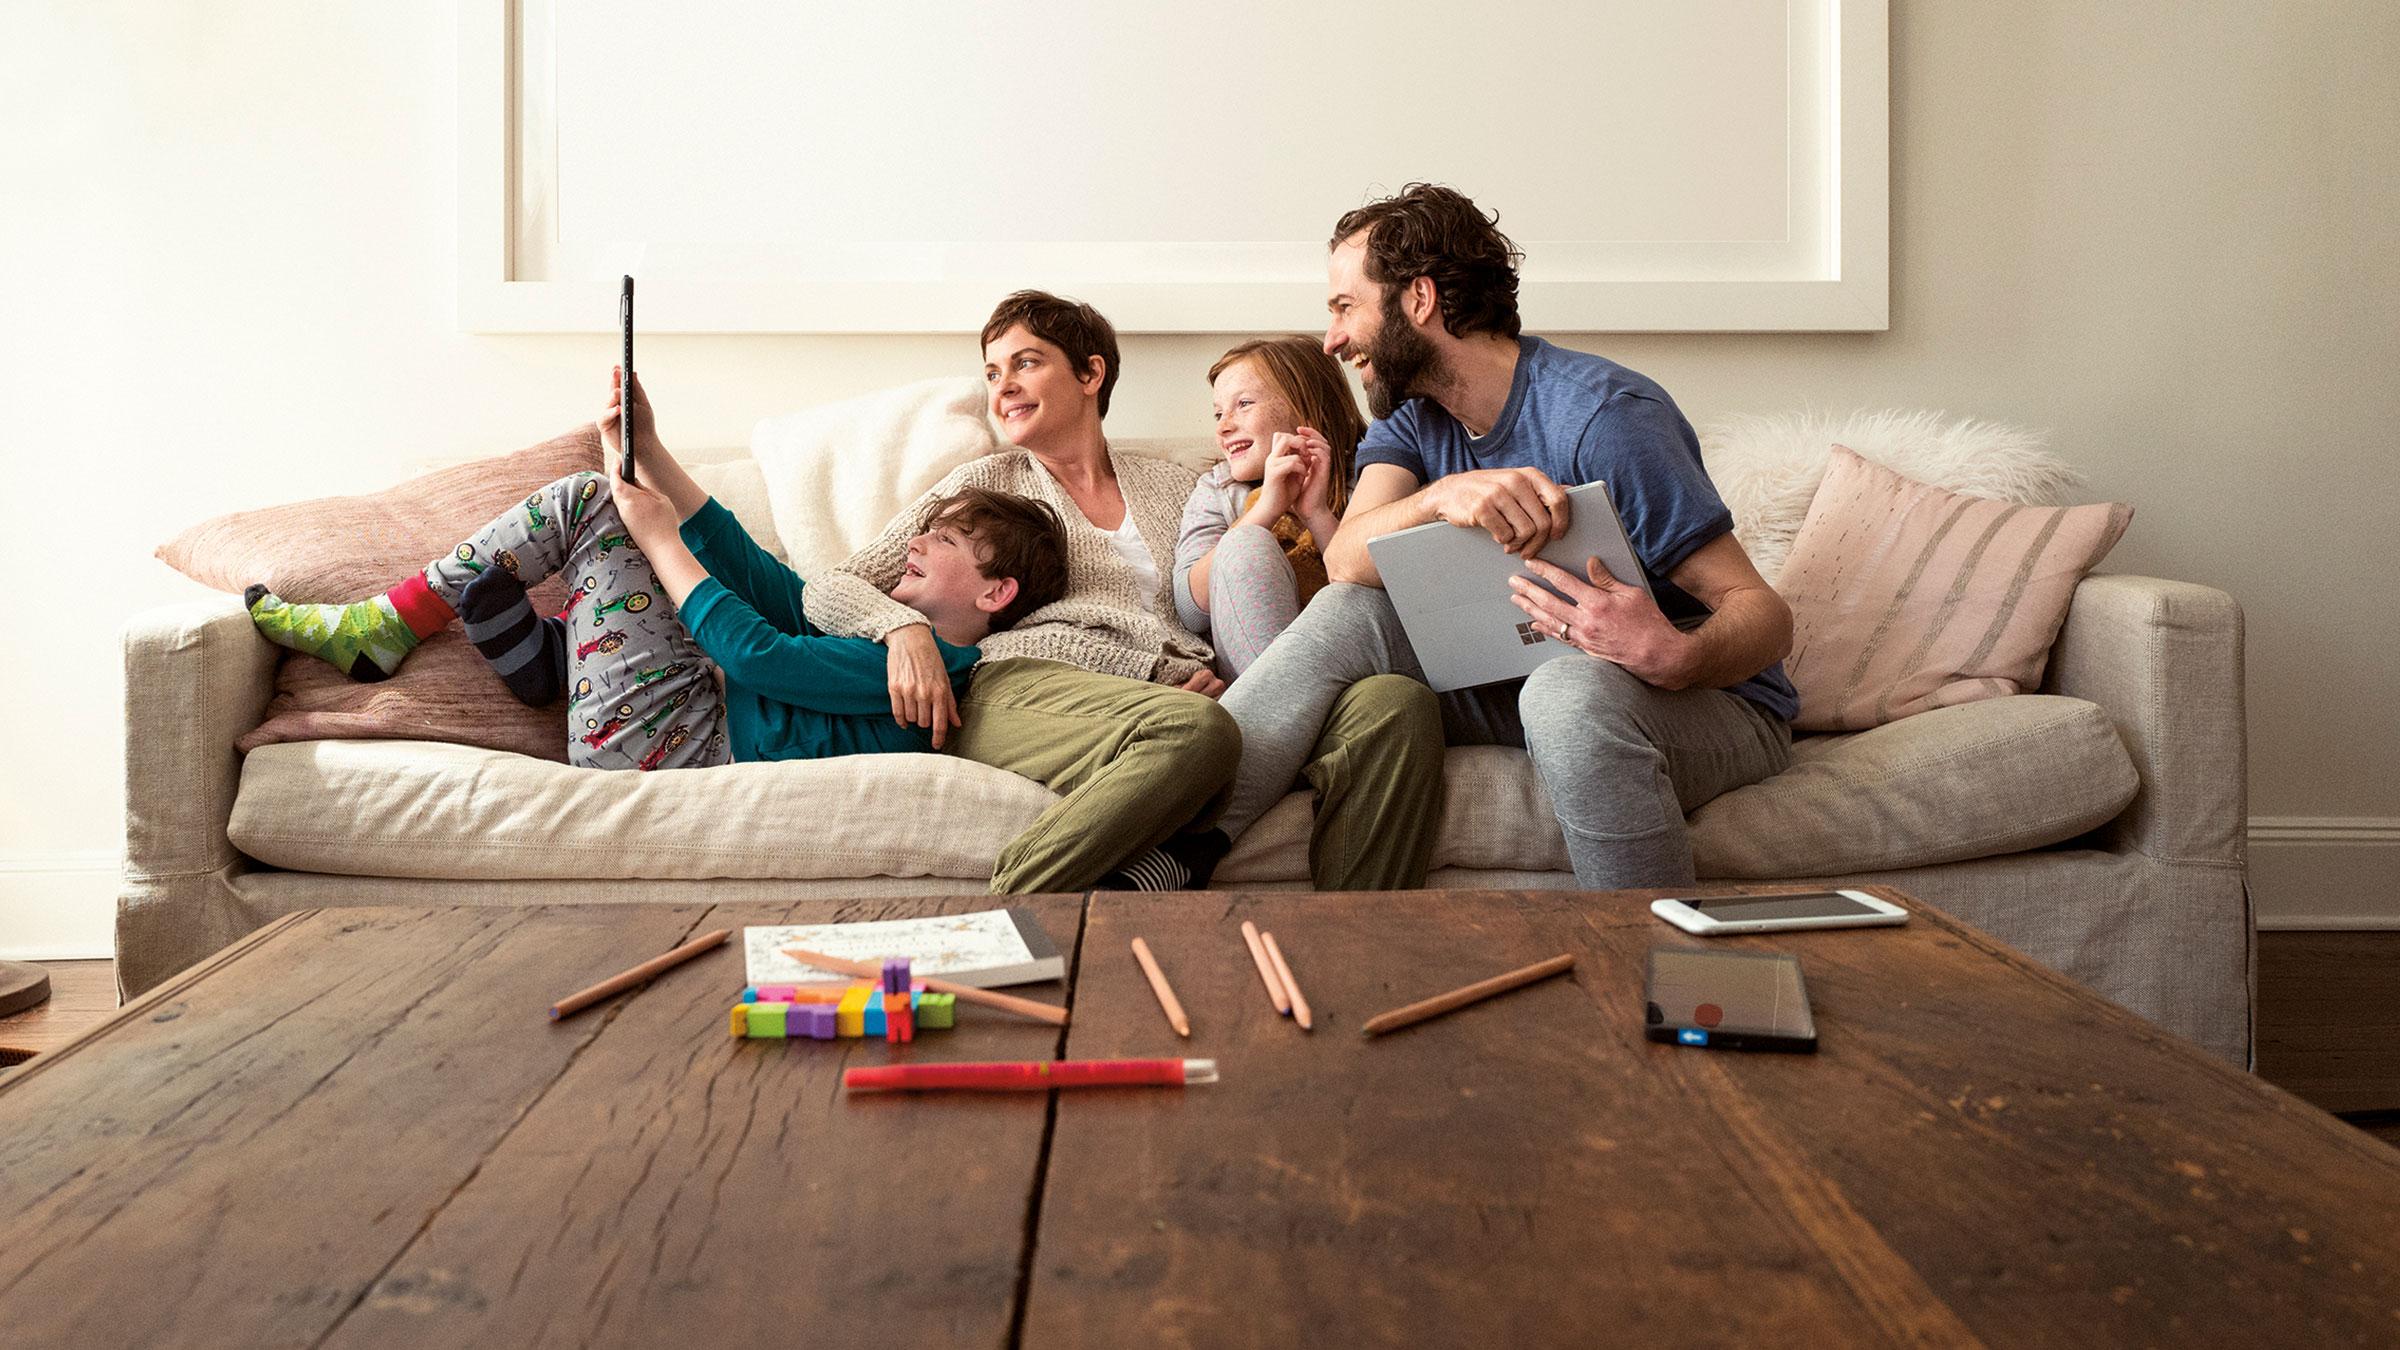 Eine Familie auf einer Couch, die etwas auf einem Microsoft Surface Pro-Gerät anschaut